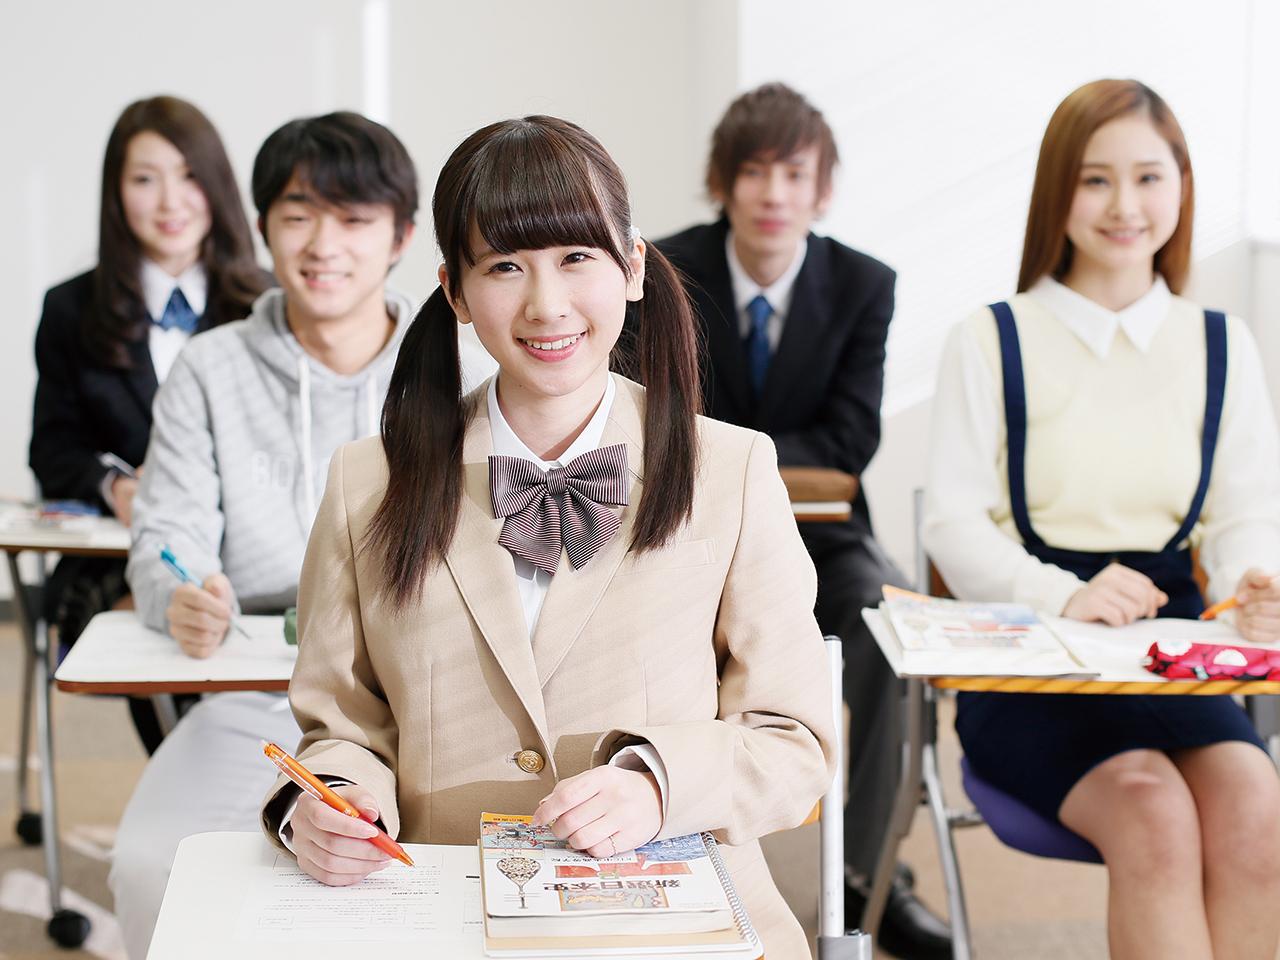 先生と生徒の距離が近いので、明るく親しみやすい雰囲気がある。